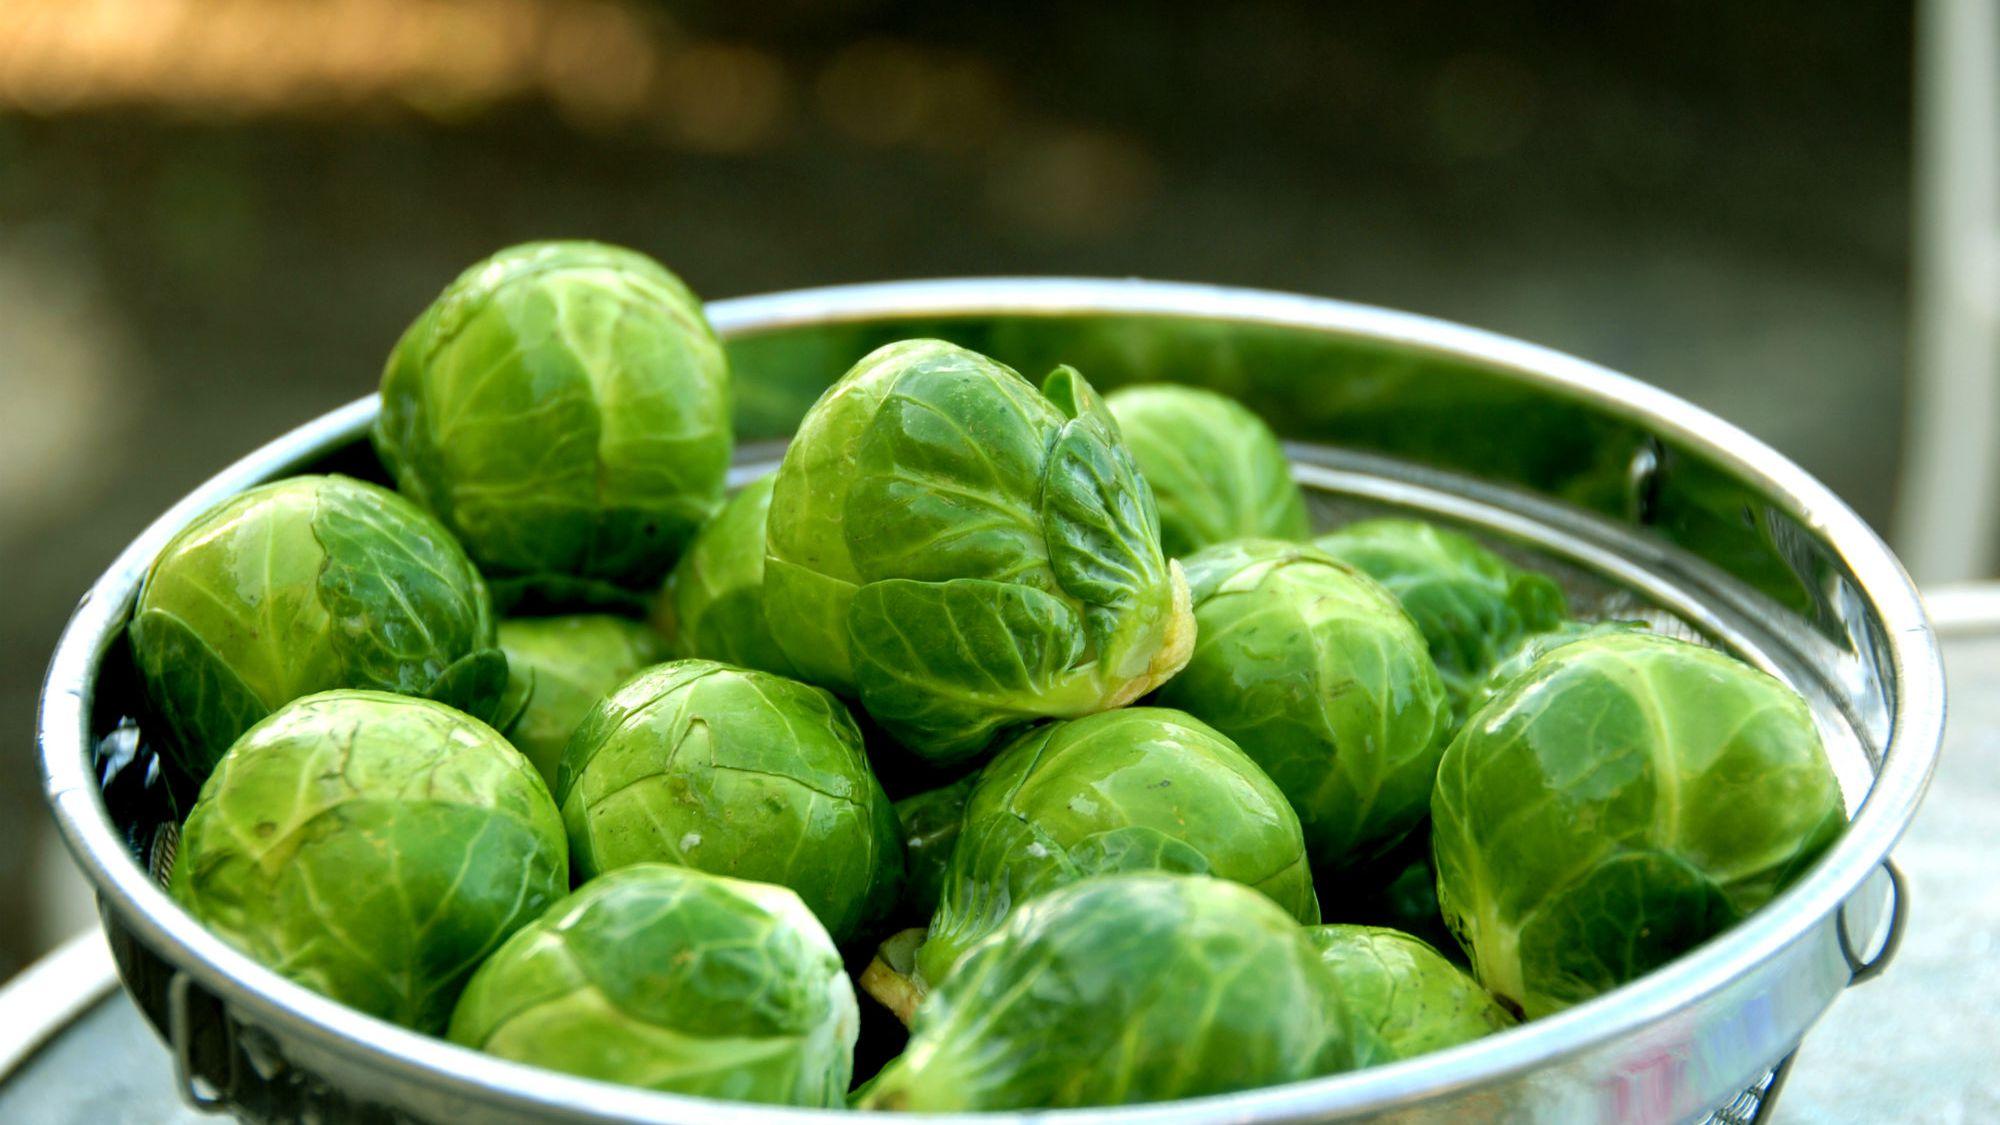 عشرون نوعًا من الأغذية الغنية بفيتامين سي - فيتامين سي - فيتامين موجود في الكثير من الأطعمة وخاصة الخضراوات والفواكه - بطء التئام الجروح